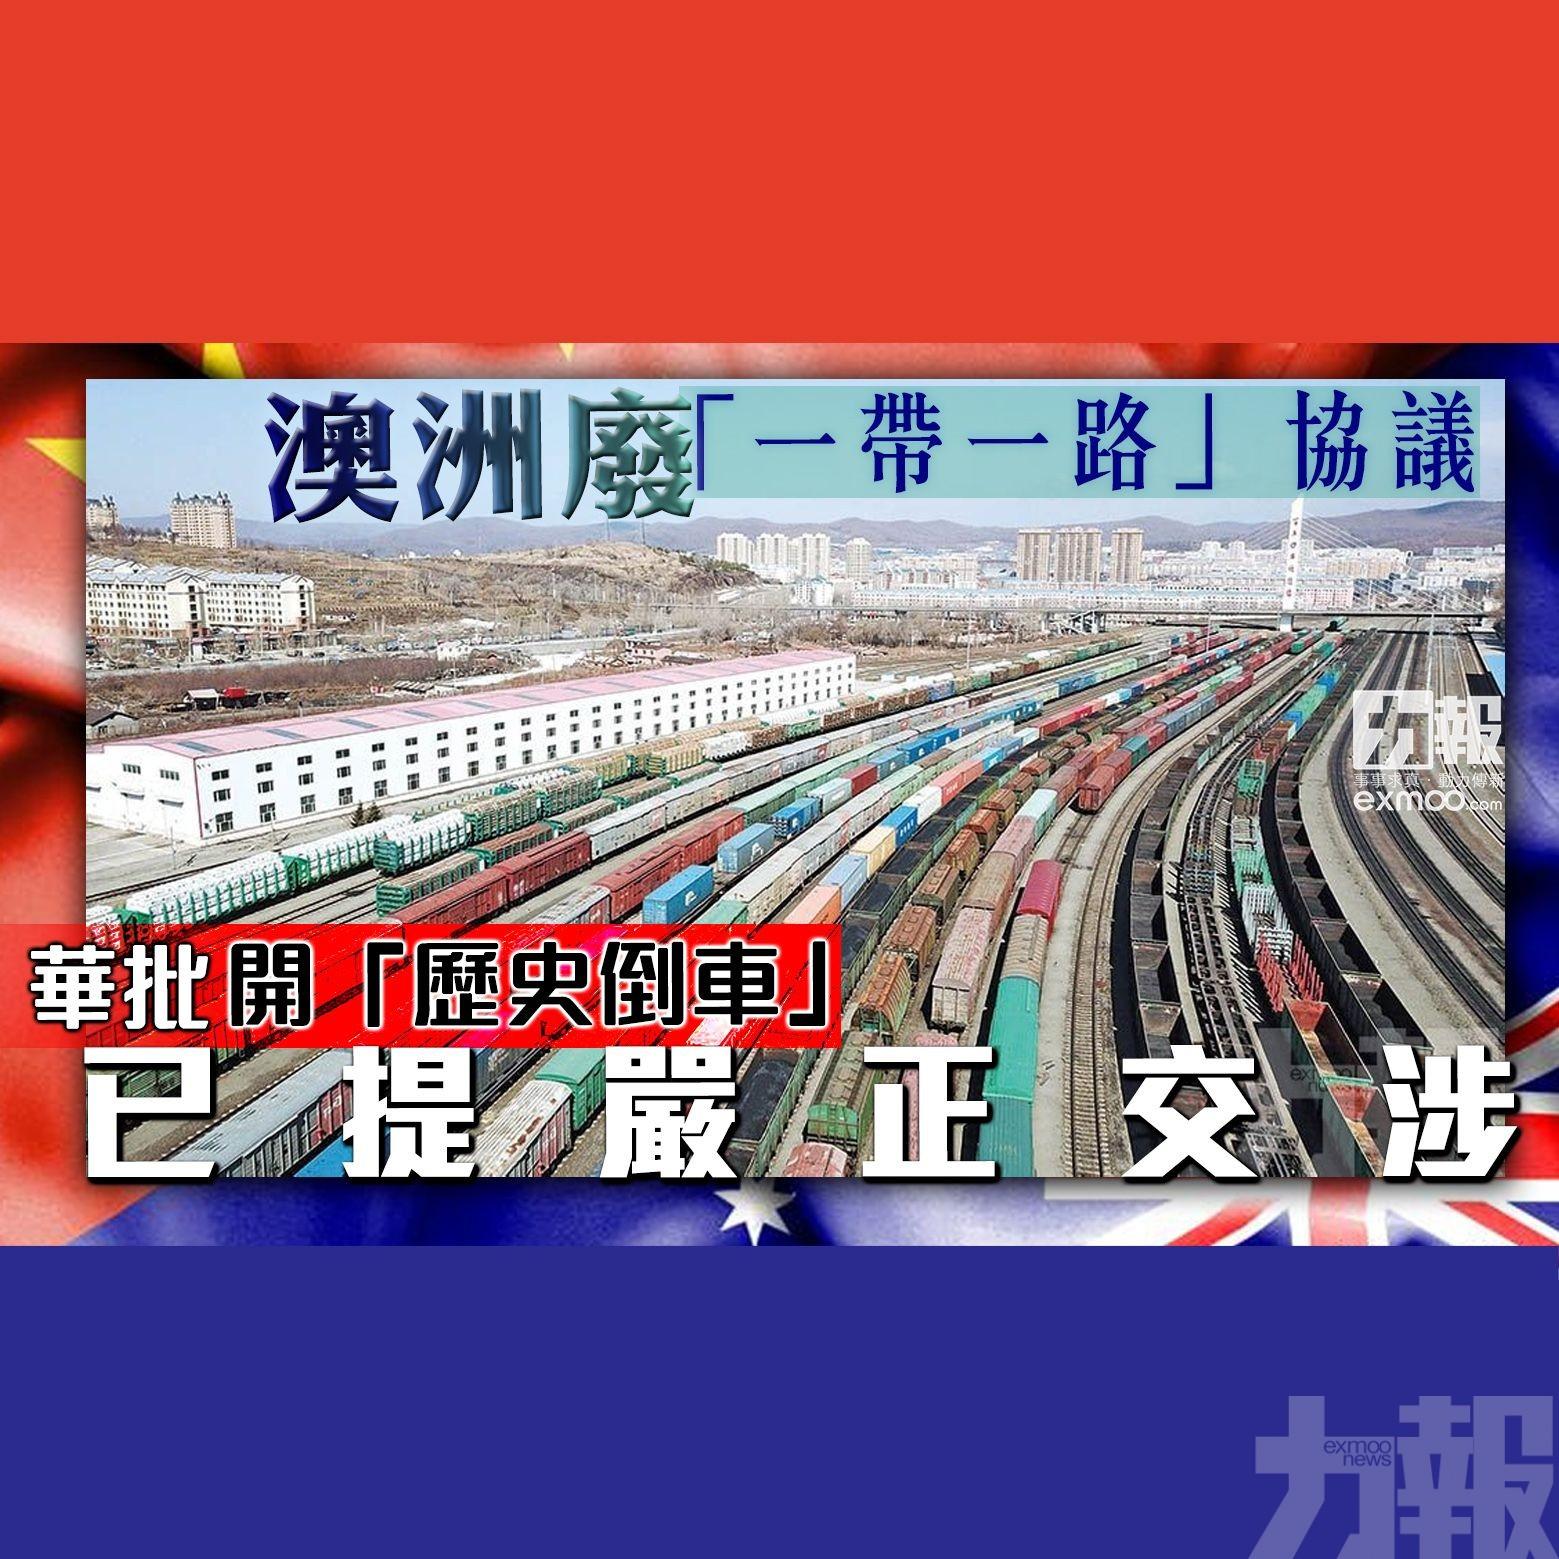 華批開「歷史倒車」已提嚴正交涉